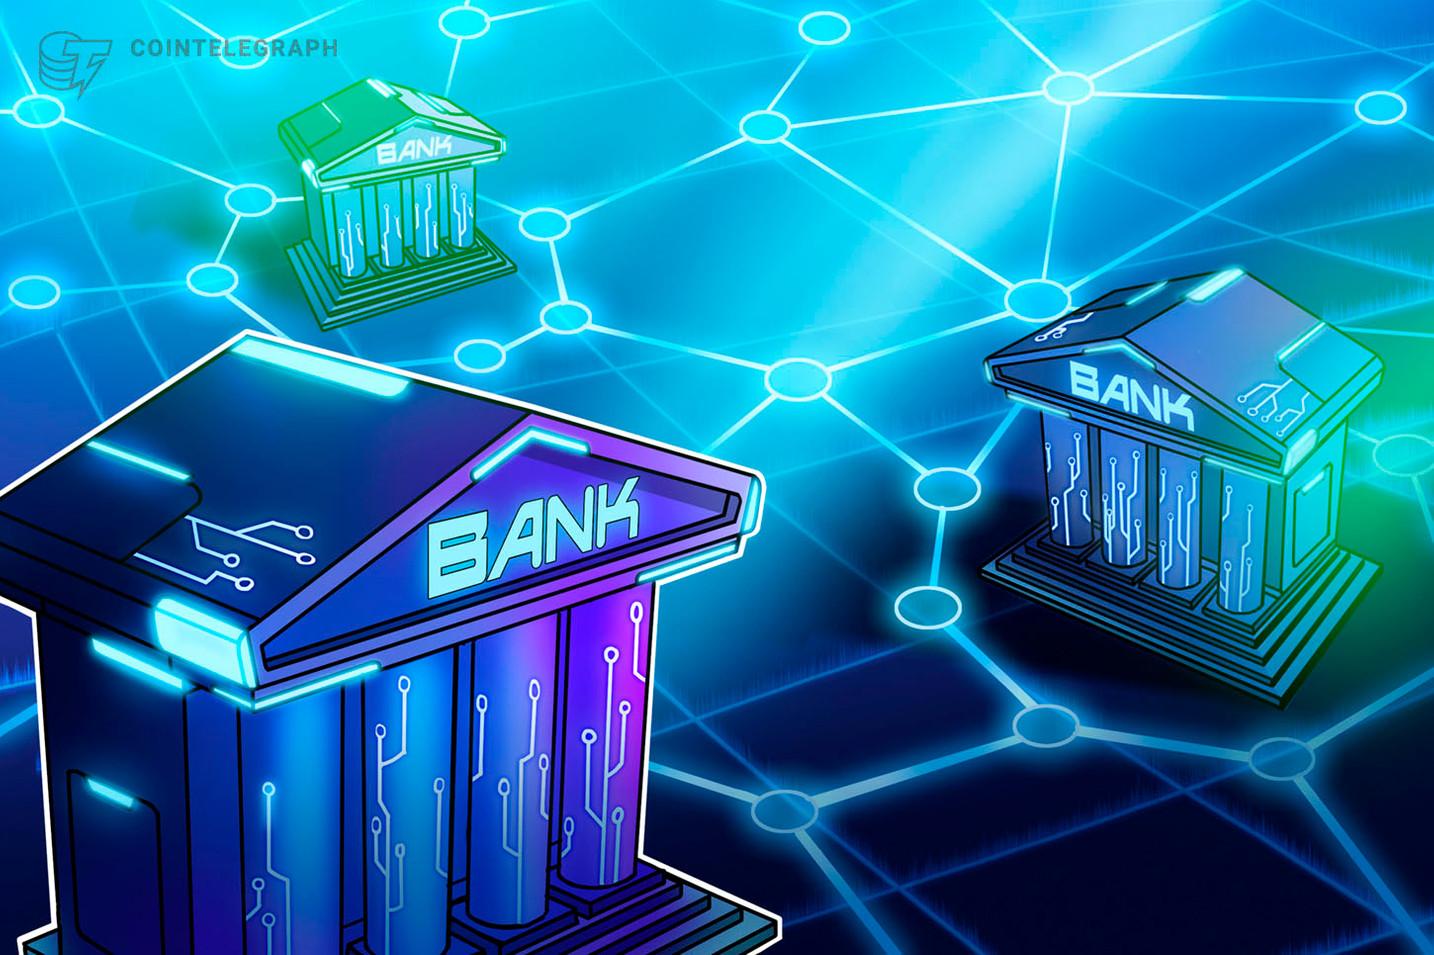 ING DiBa geht langfristige Nutzungsvereinbarung mit R3 Blockchain-Plattform Corda ein